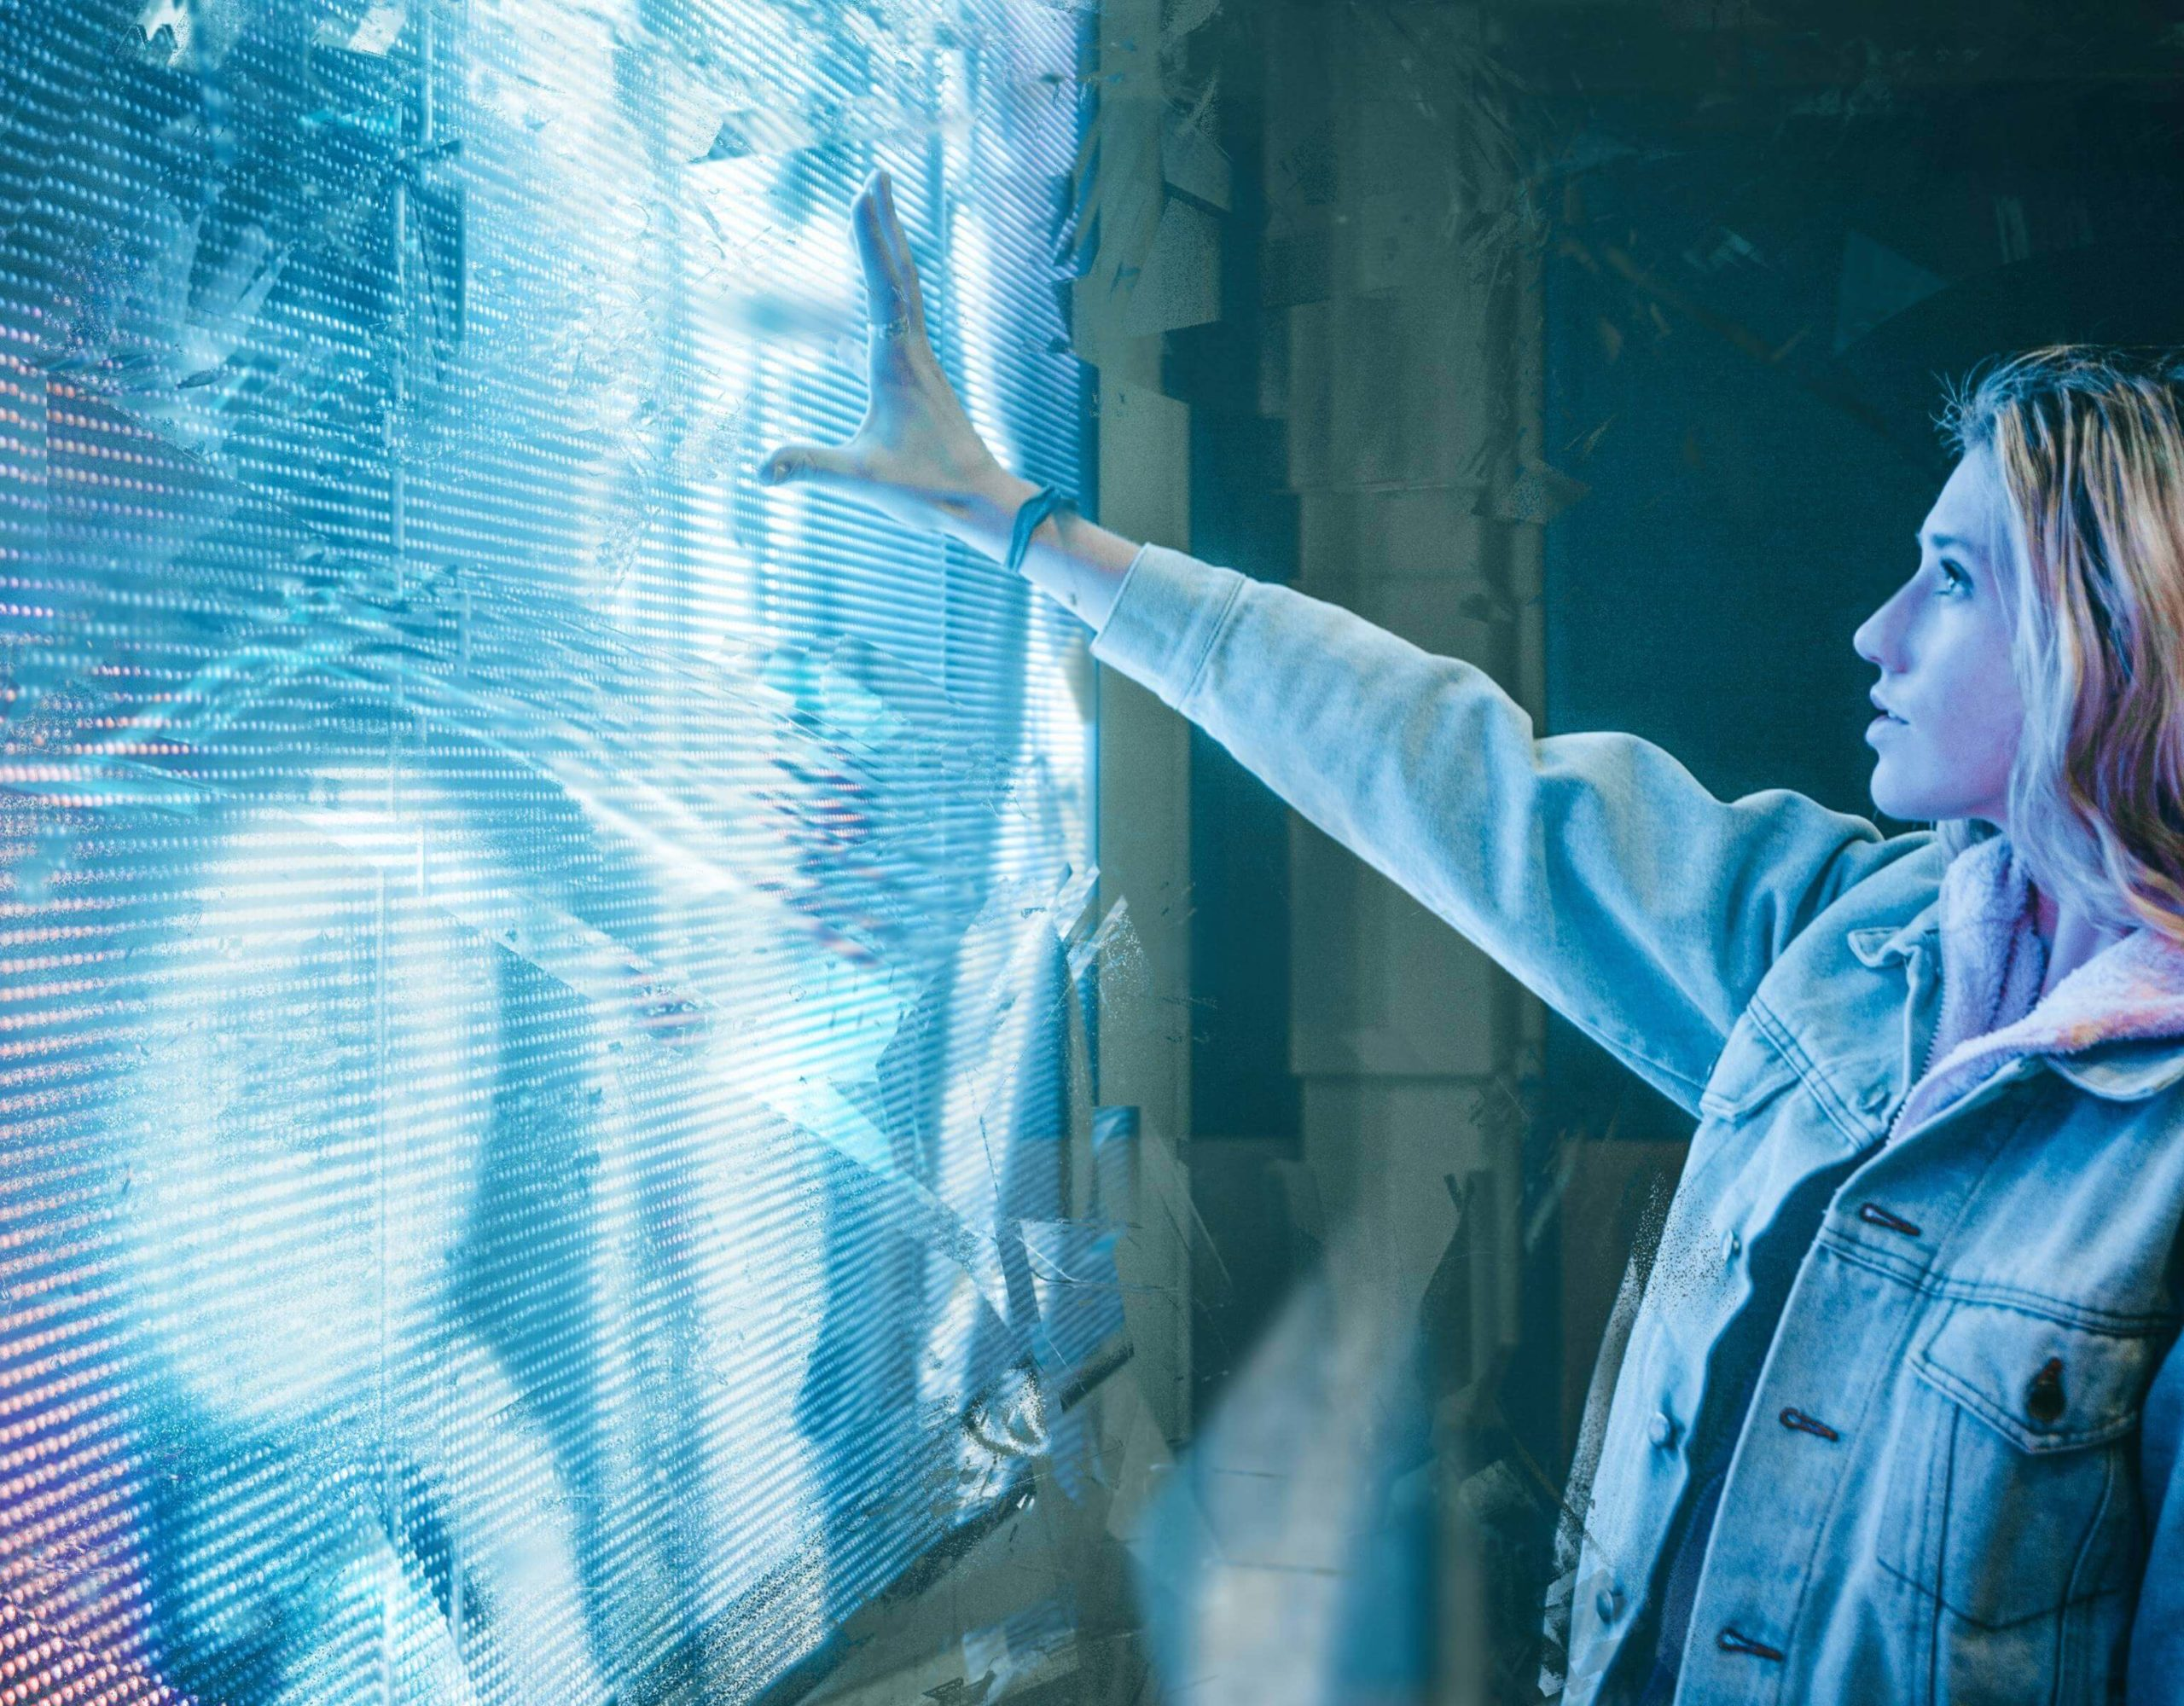 Um Dia em 2037: Uma Narrativa Futurista sobre Desmaterialização e Democratização de Mundos